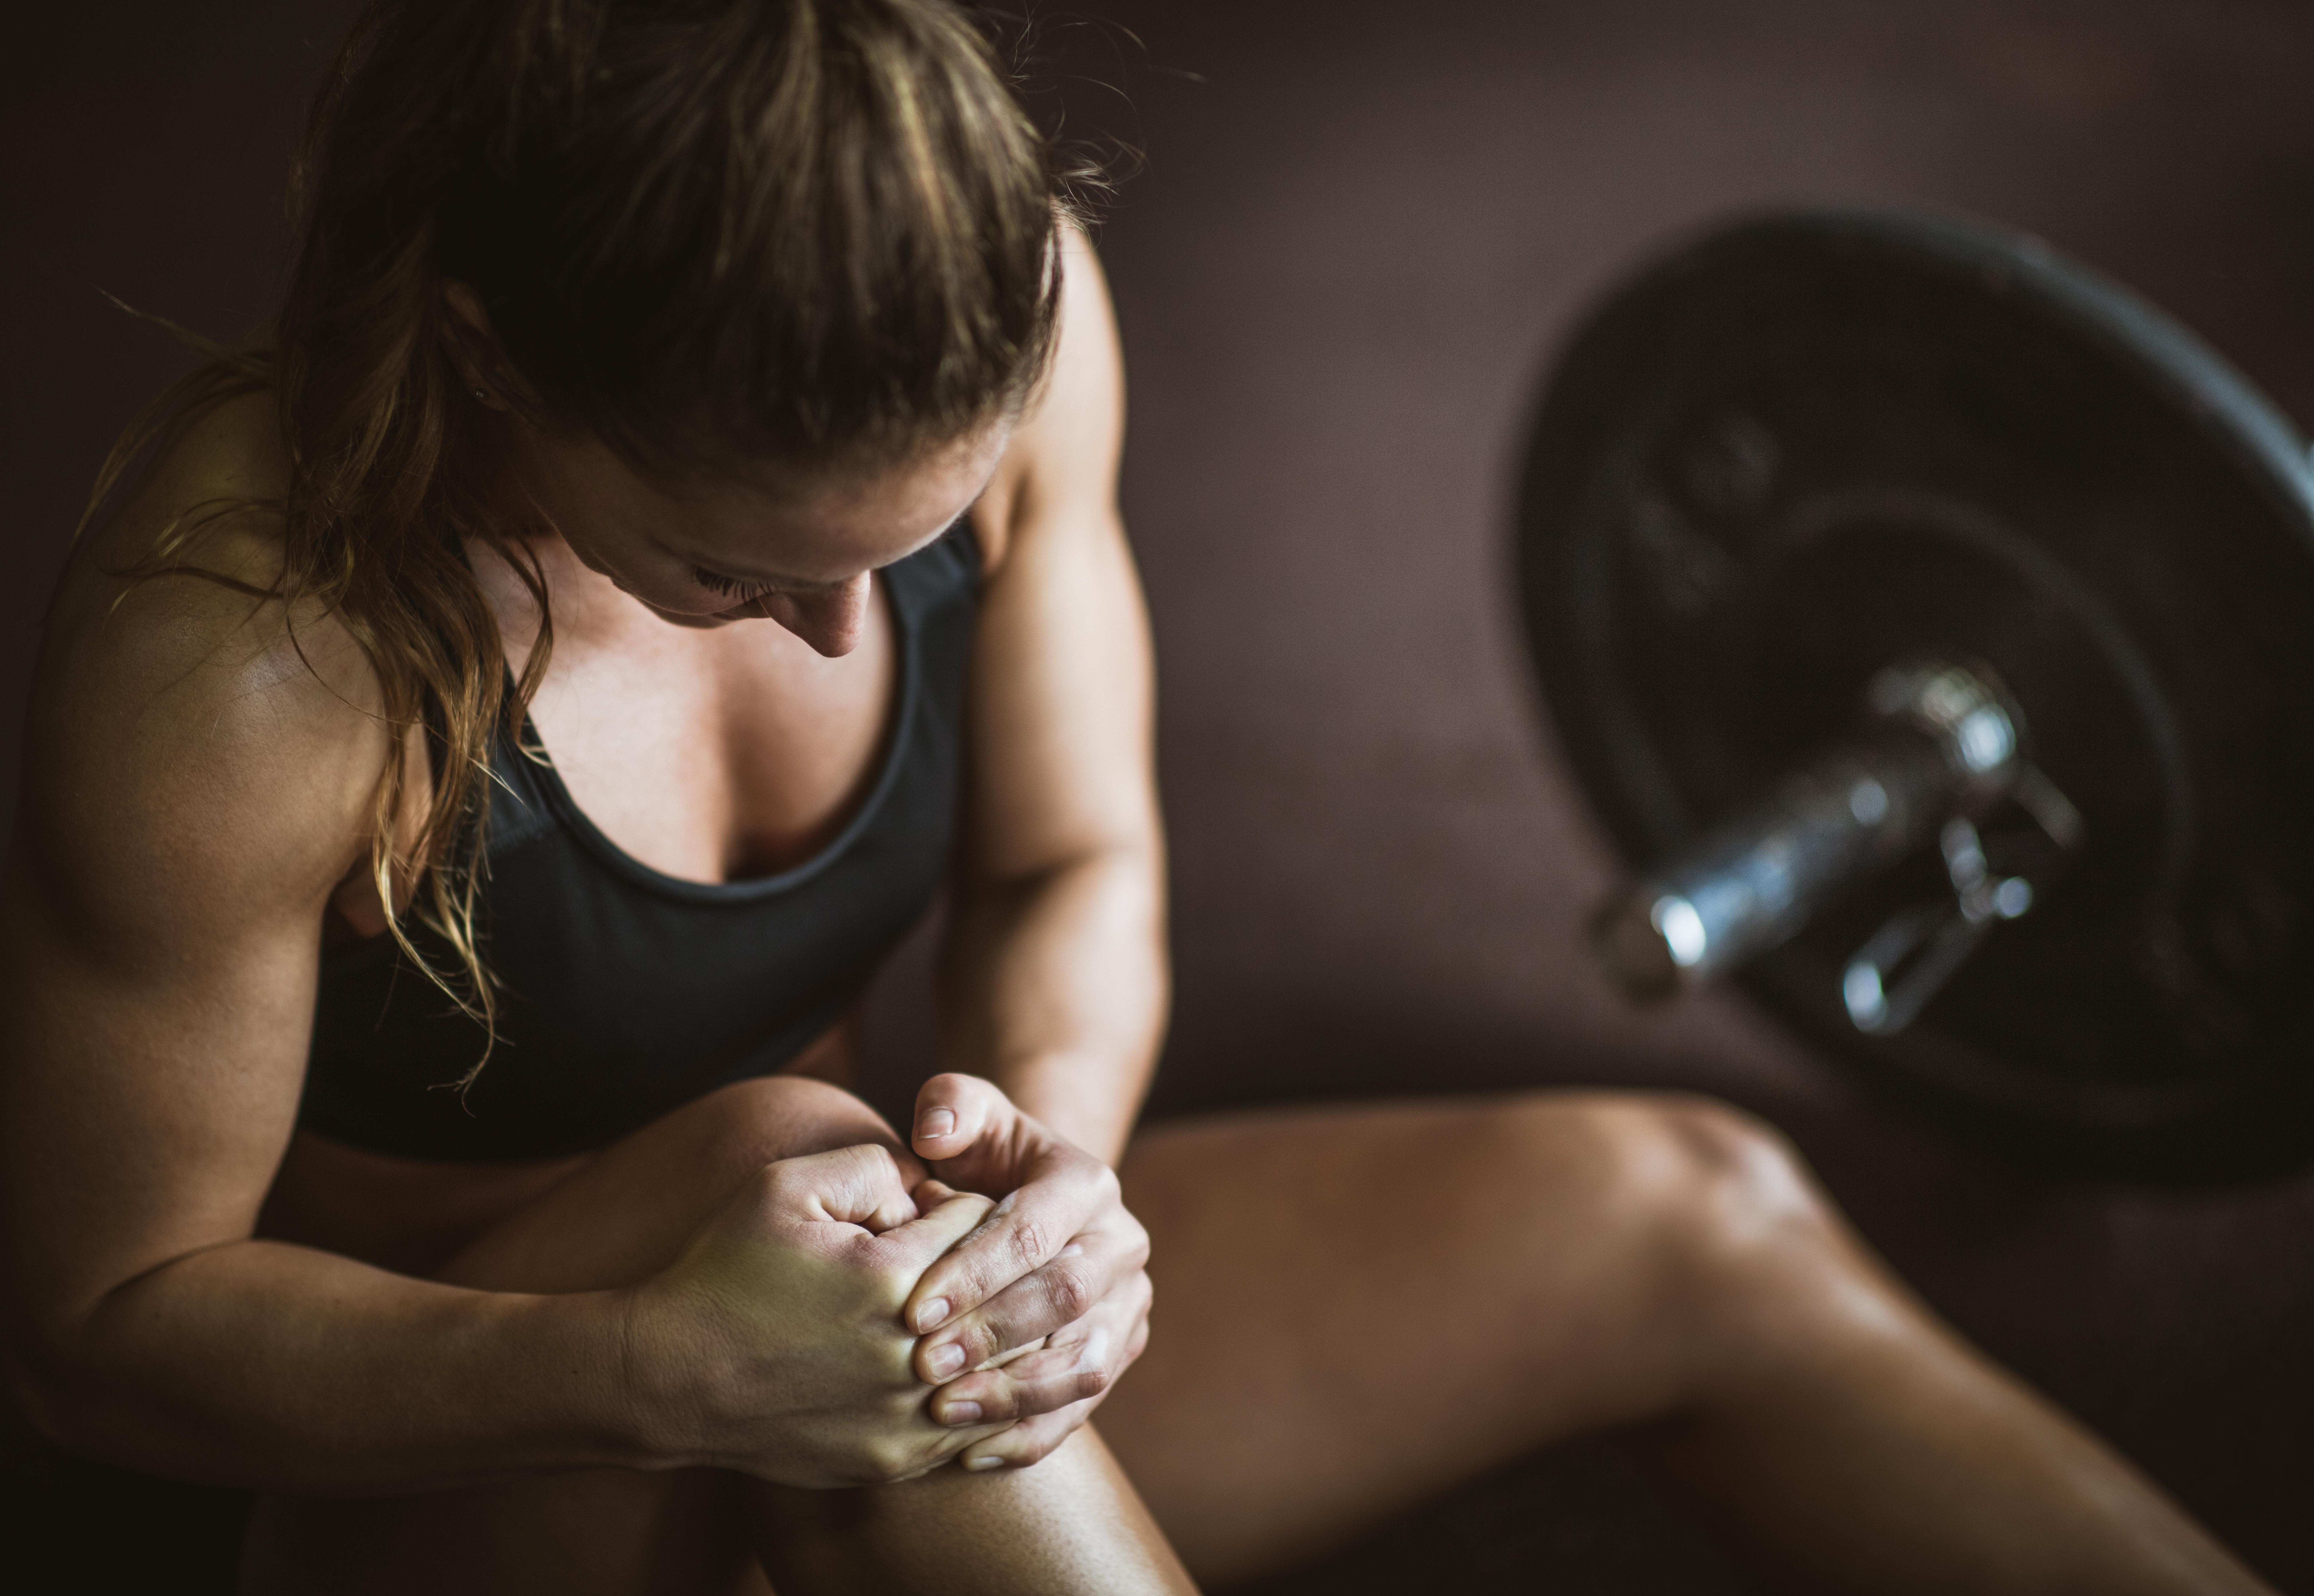 Atletisk kvinna håller om sitt knä i smärta